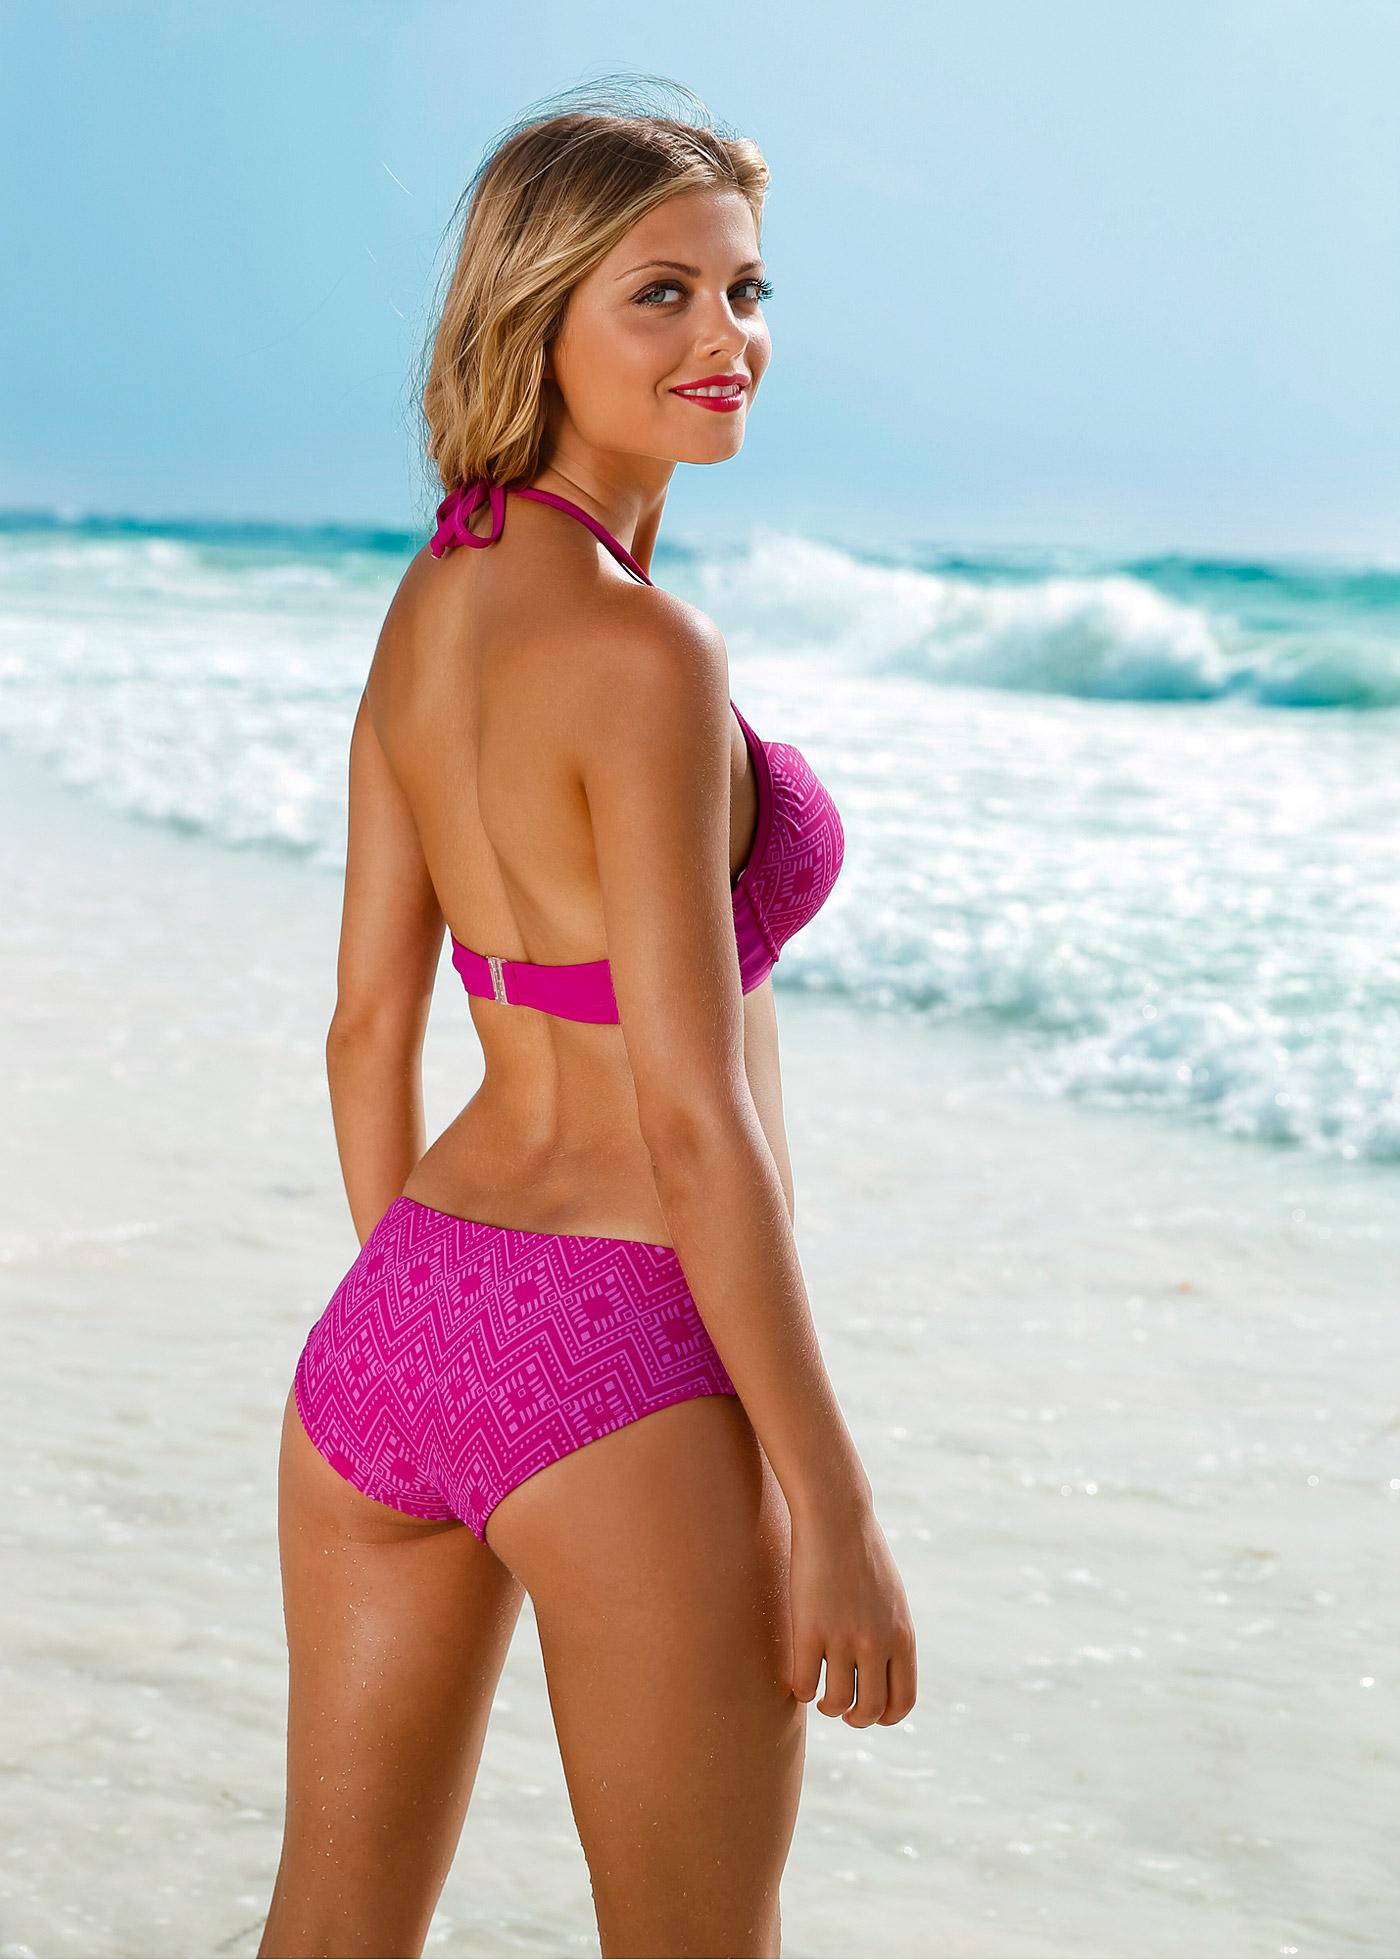 Giselle Reyes in a bikini - ass